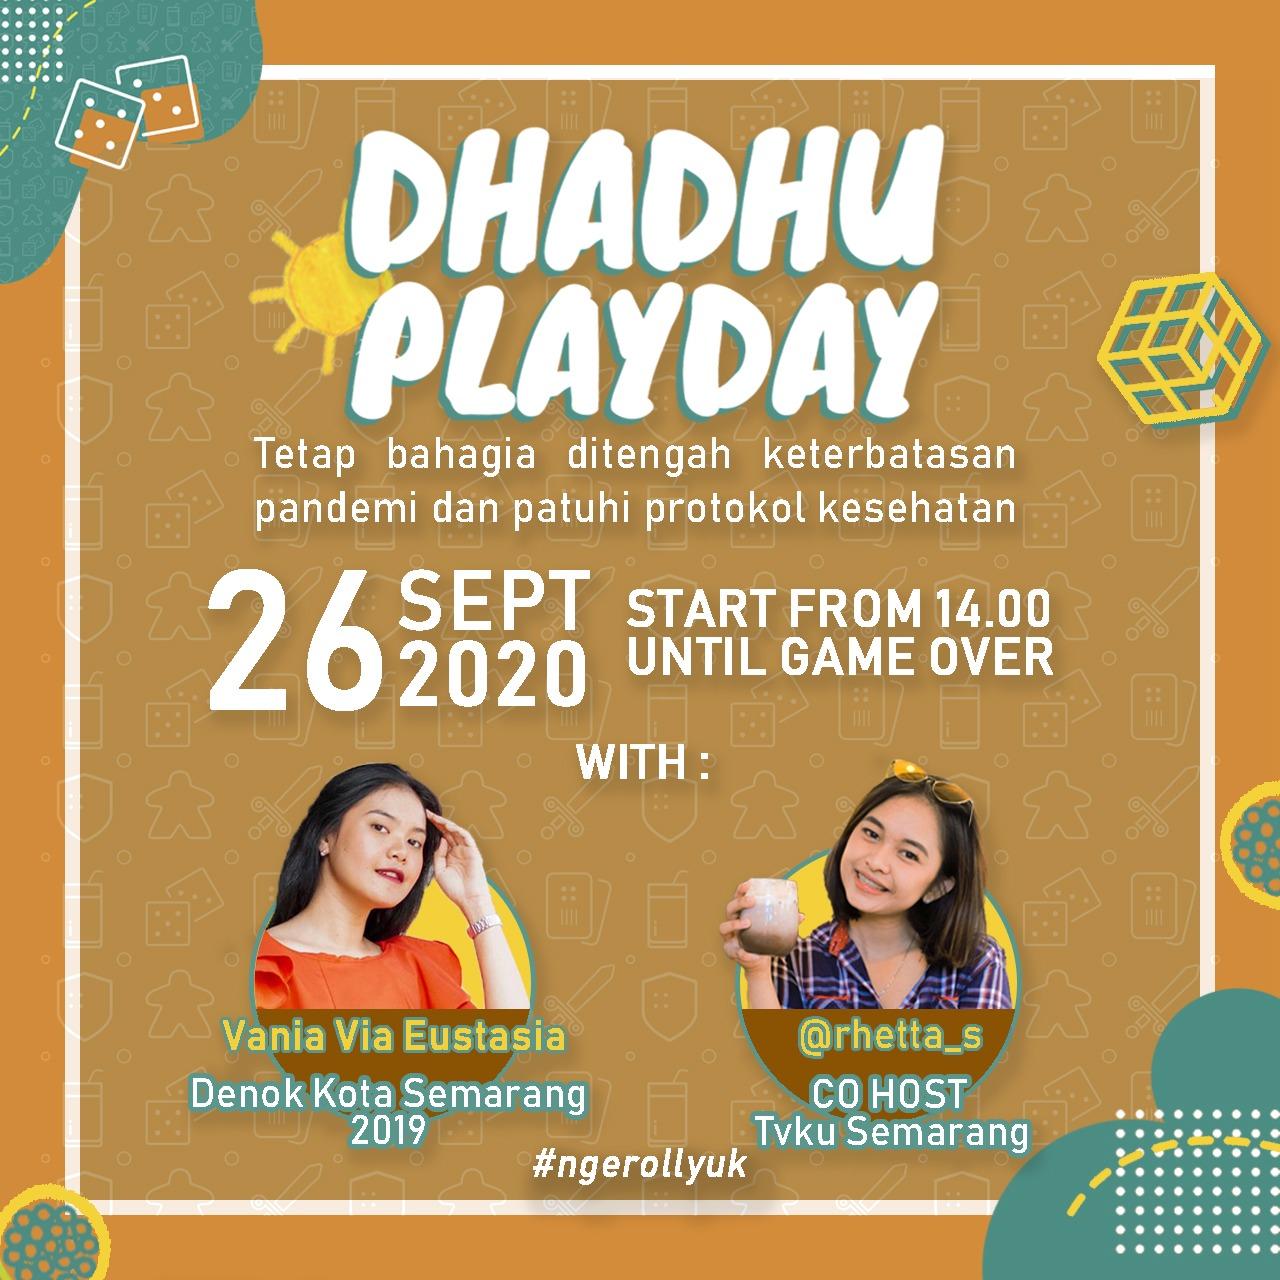 EVENT SEMARANG : DHADHU PLAYDAY